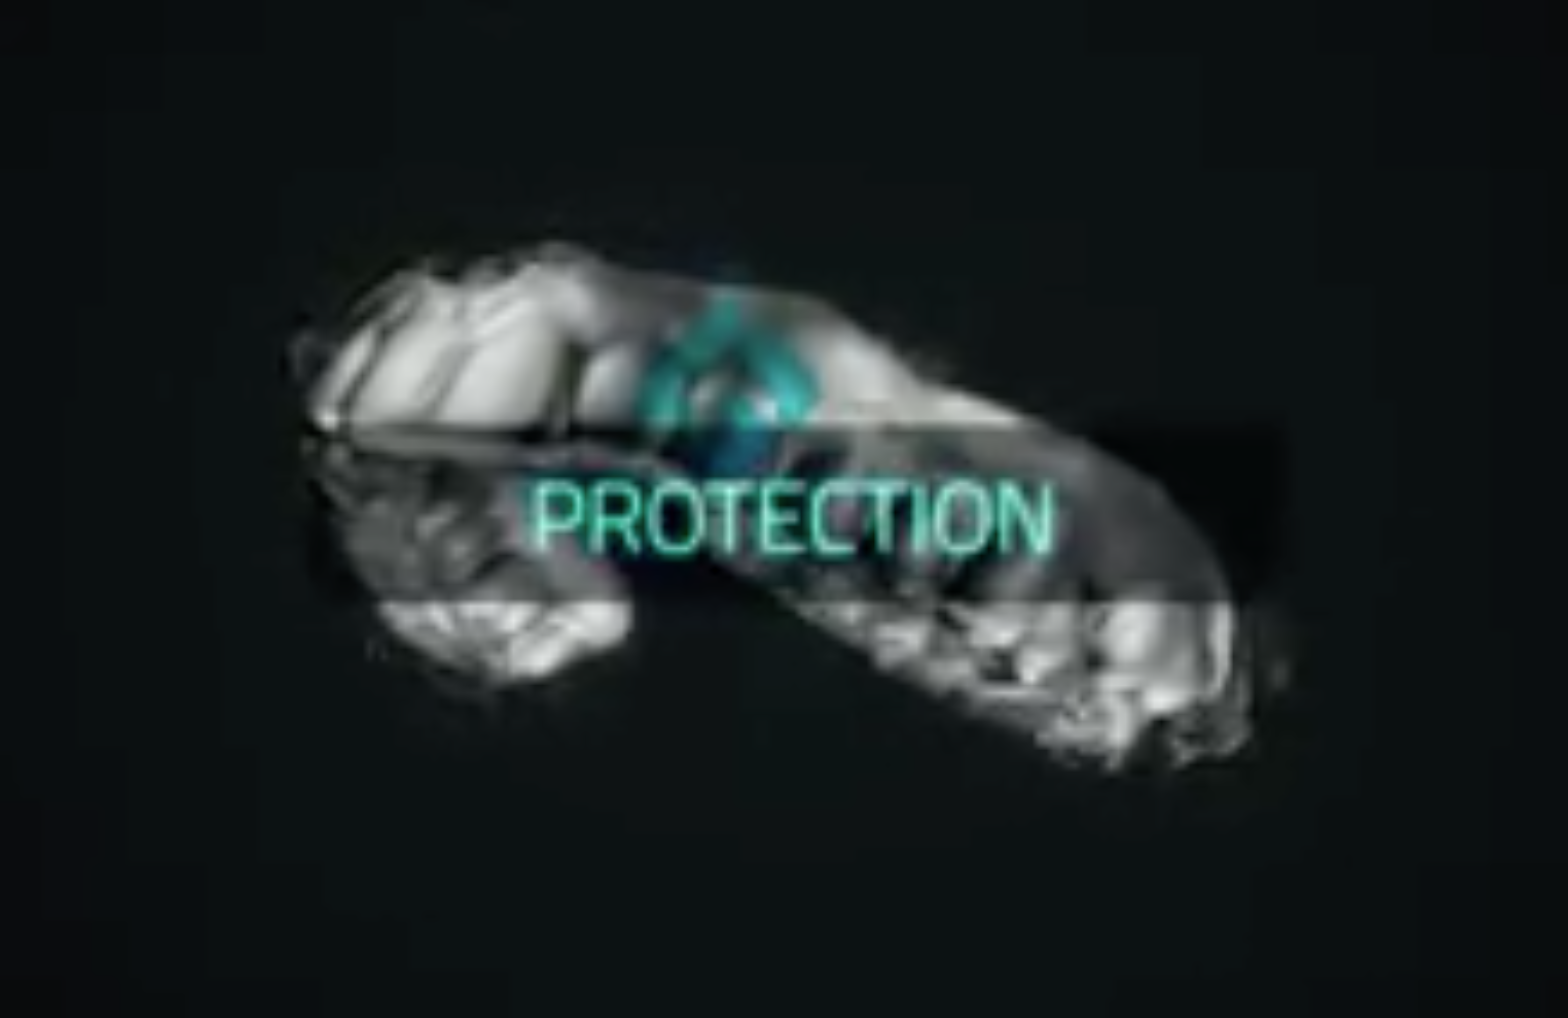 Ny revolutionerende tandbeskytter